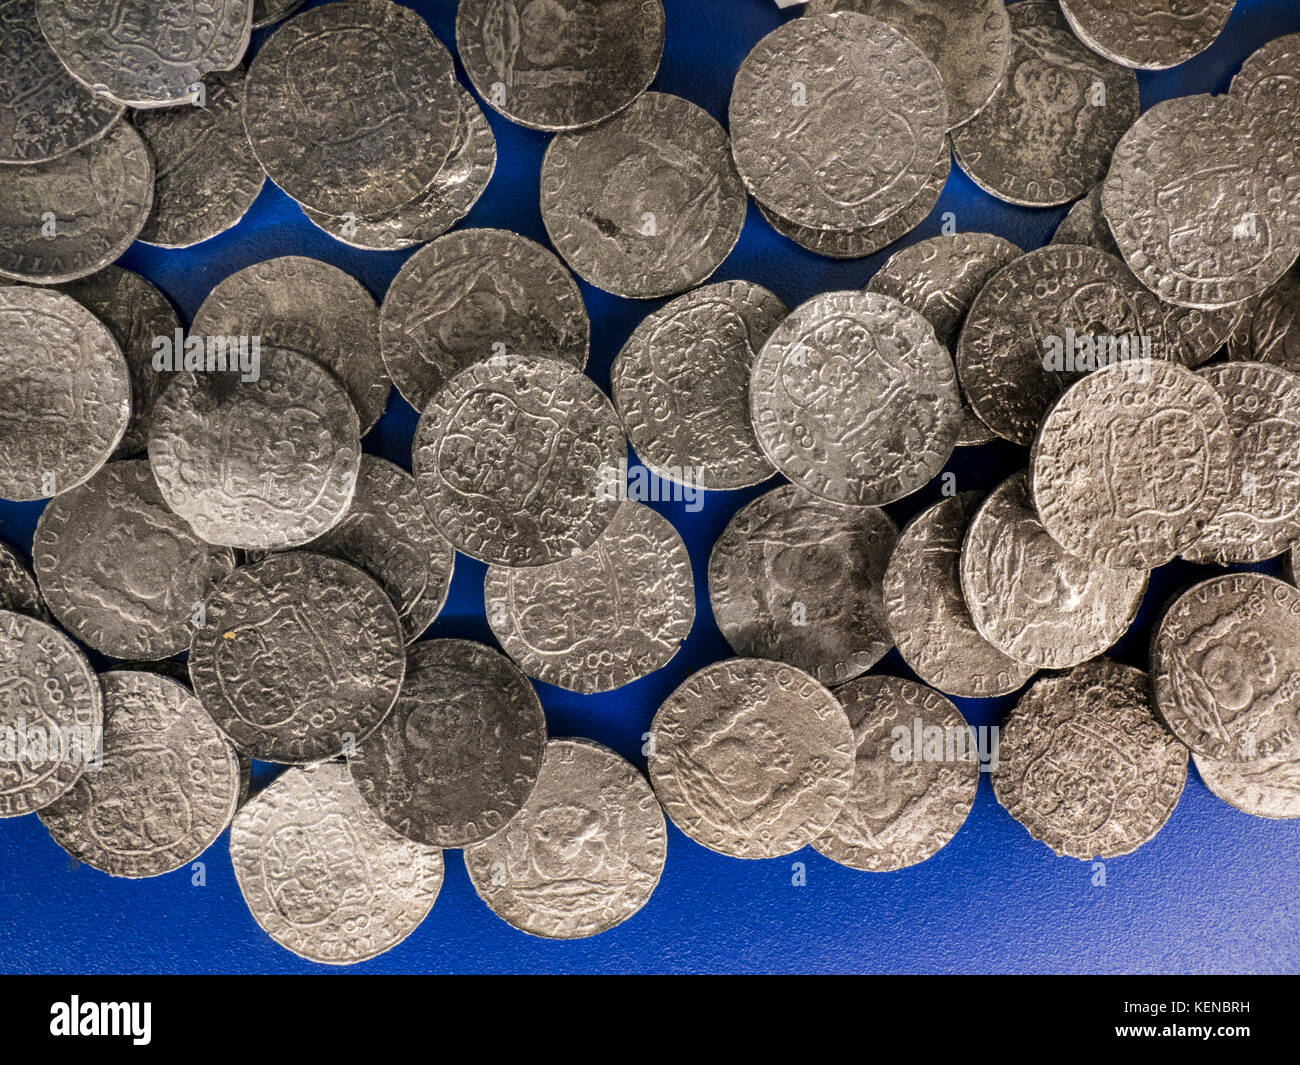 Mexico Hispanic 1742 Pillar Dollar Silver 8 Reales Shipwreck Replica Coins